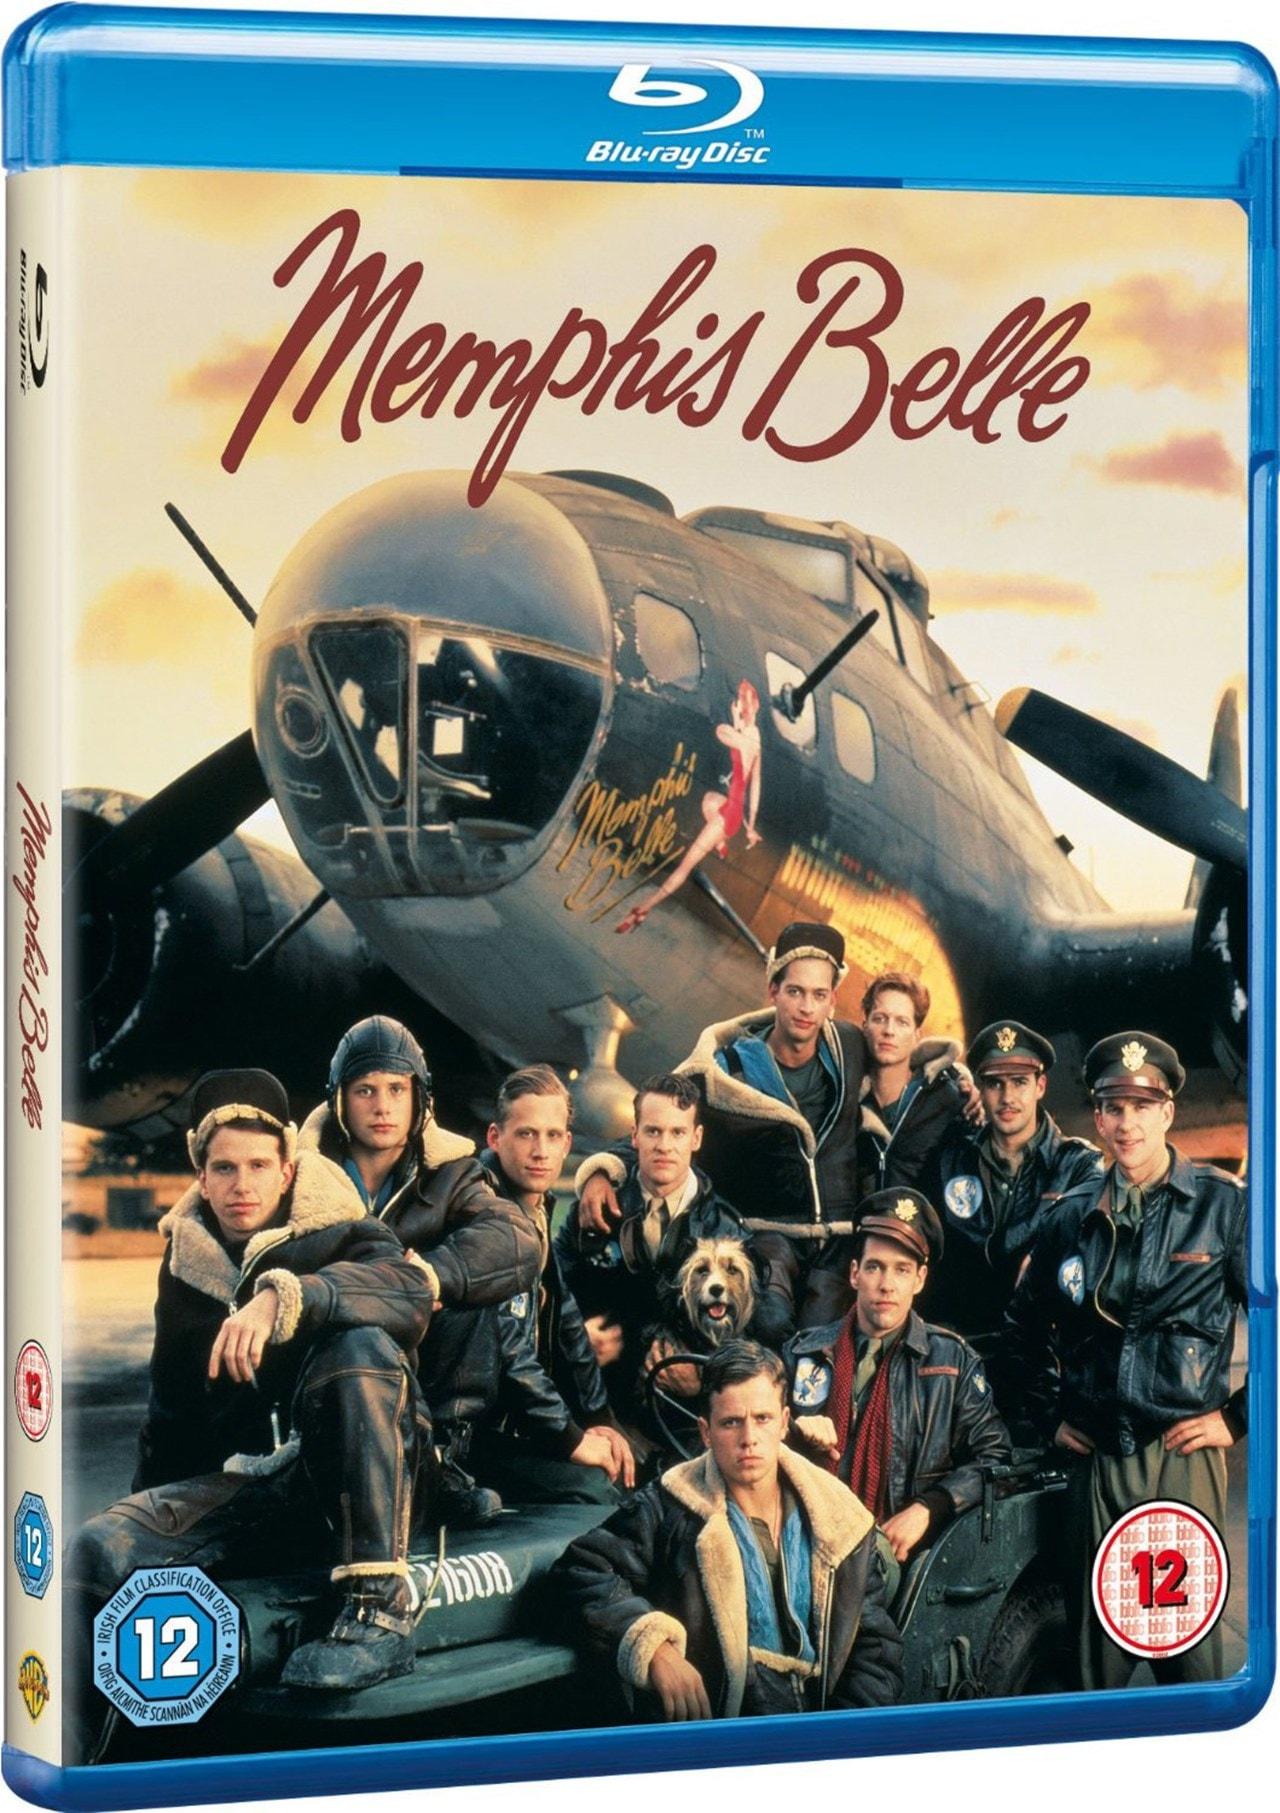 Memphis Belle - 2